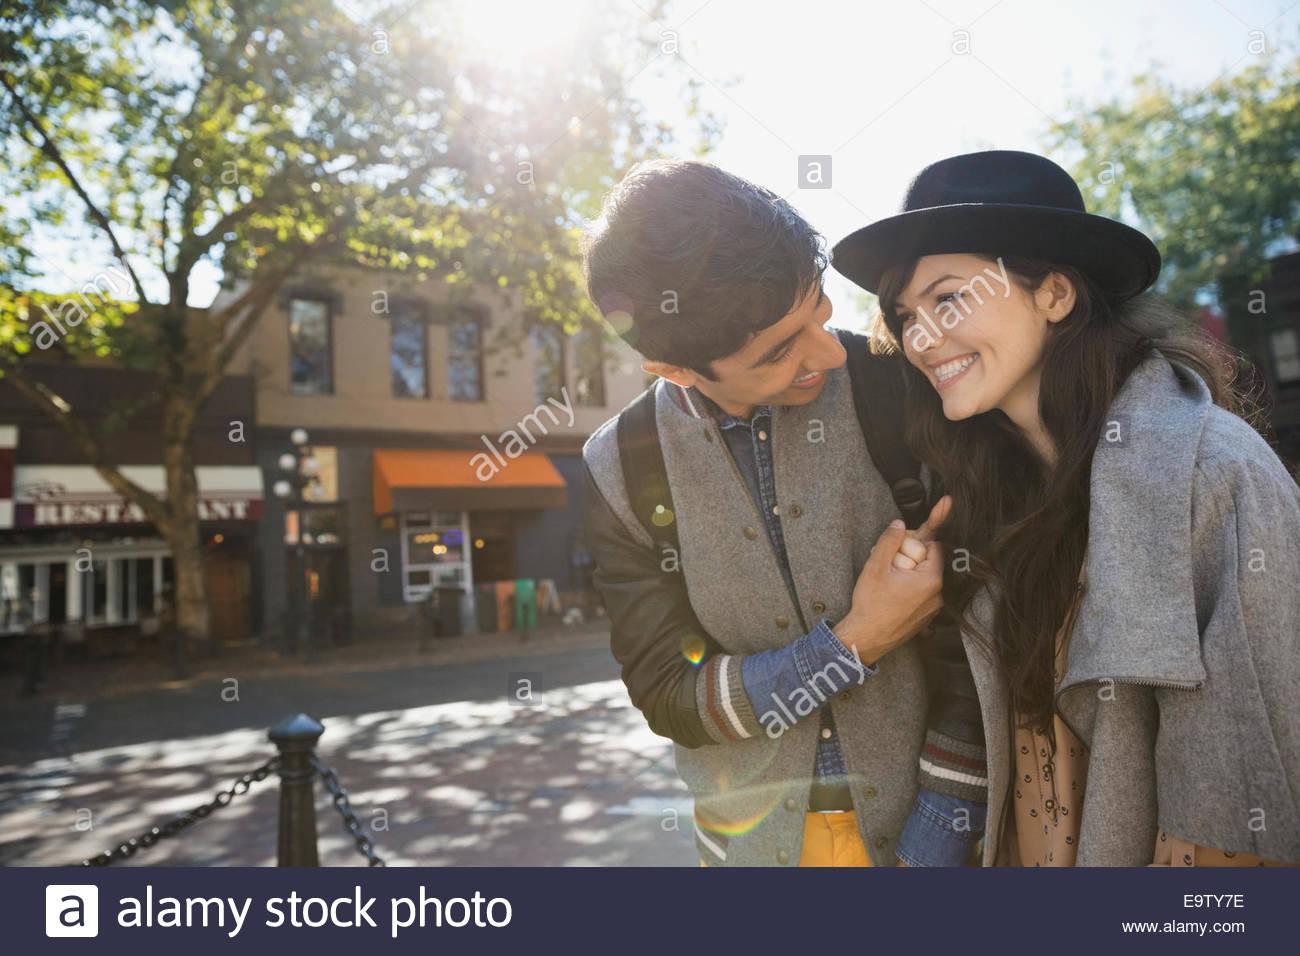 Par riendo en la soleada calle urbana Imagen De Stock